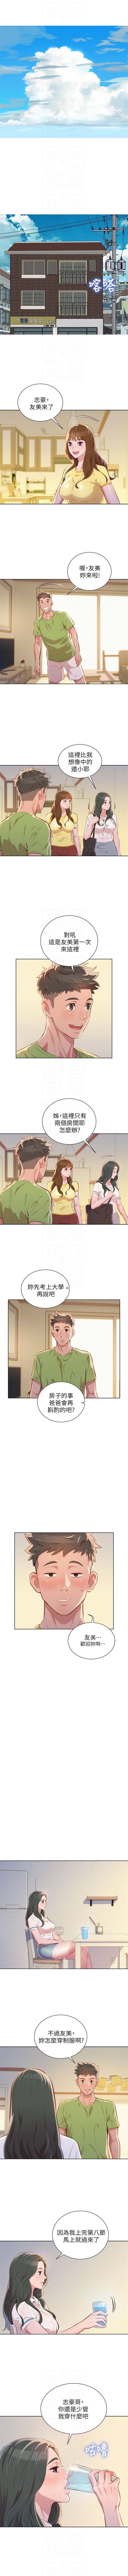 (周7)漂亮干姐姐  1-79 中文翻译 (更新中) 264